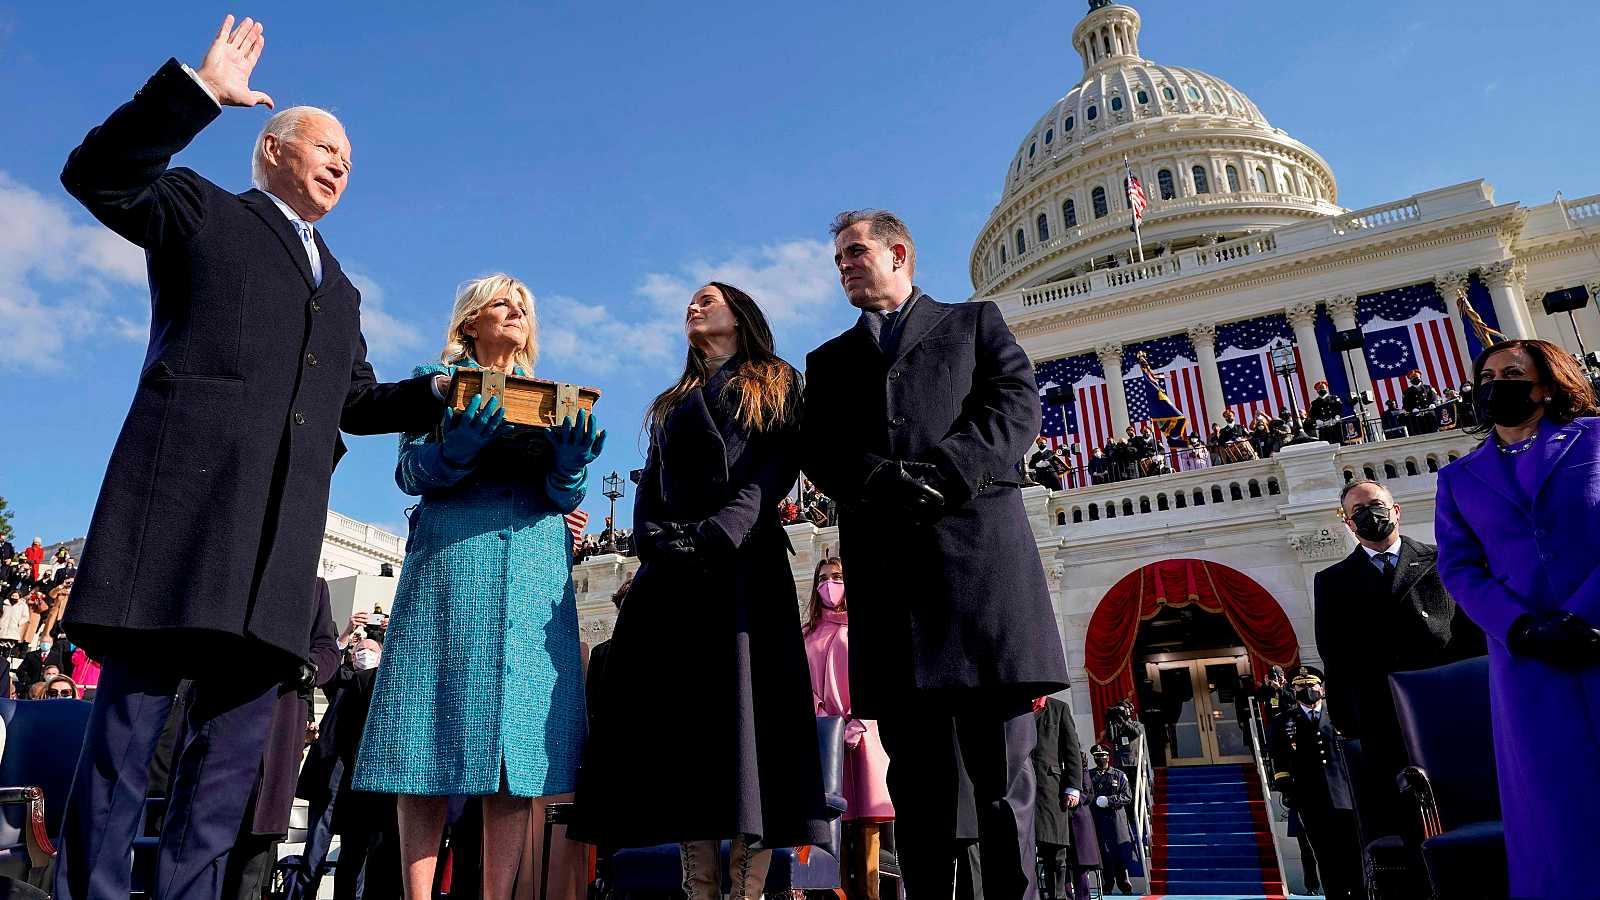 El nuevo presidente de los EE.UU. jura su cargo frente al Capitolio.